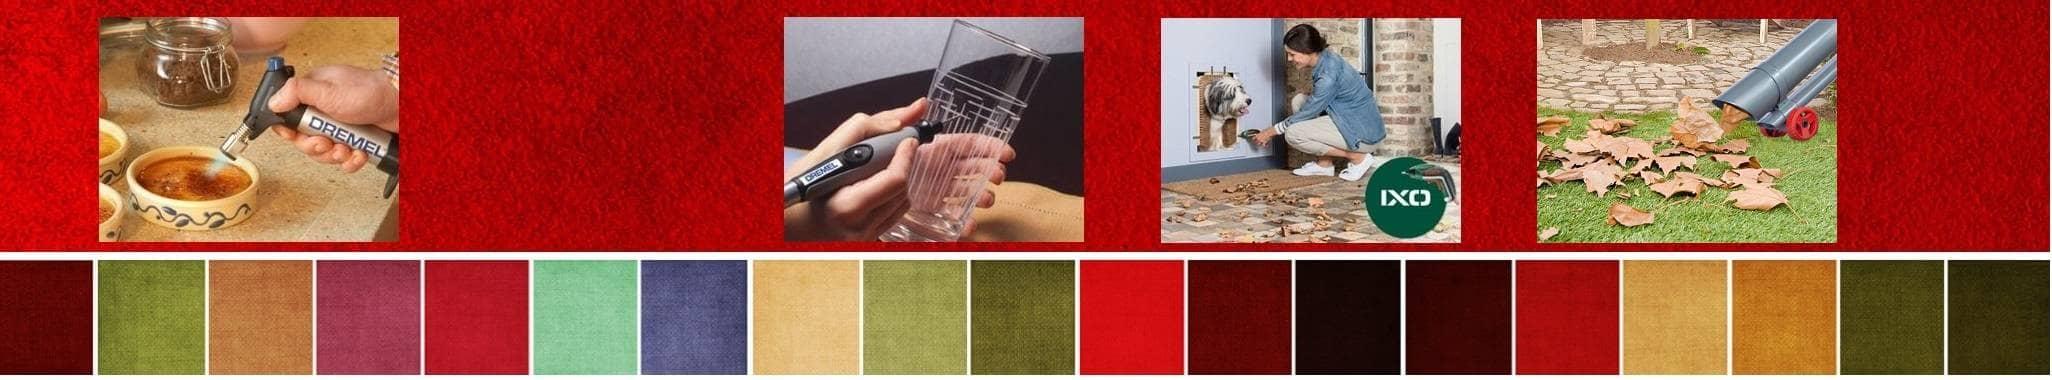 <a href='http://www.saragoudas.gr/ell/categories/Idees-gia-Dora'>Λατρεύετε τα Δώρα; Δείτε Πρωτότυπες Ιδέες! </a>